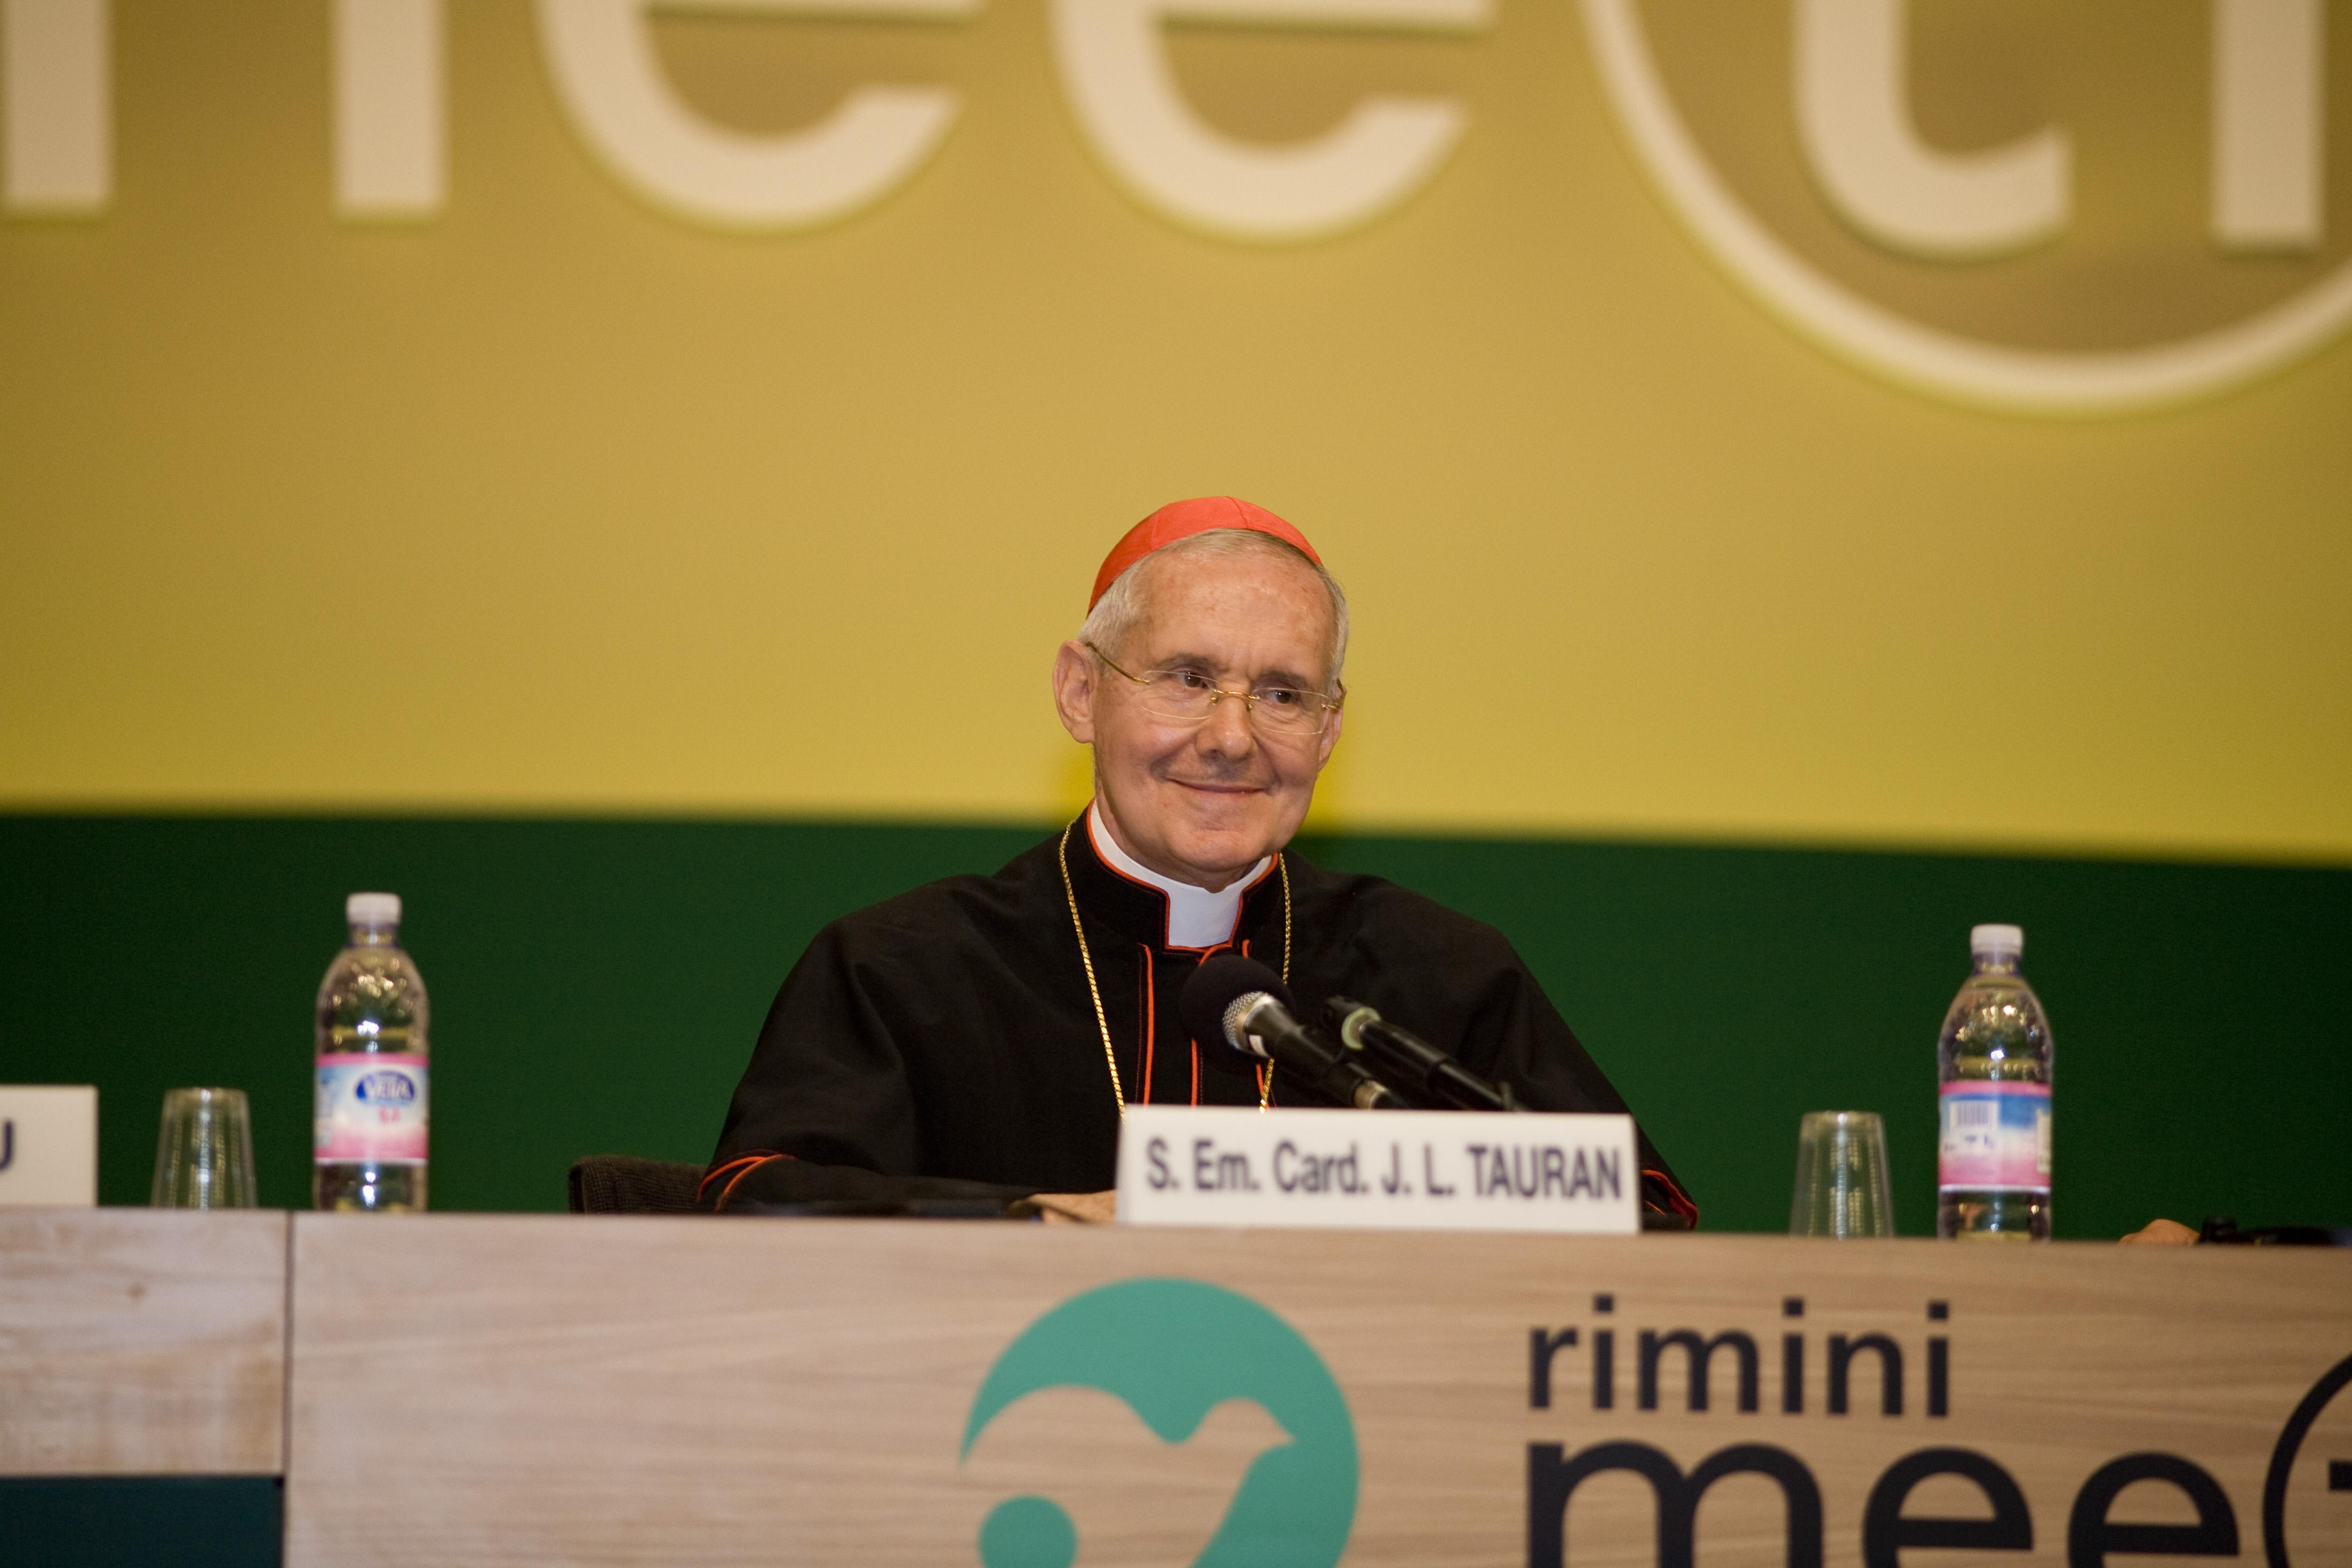 El cardenal Touran en el Meeting de Rimini © www.meetingrimini.org